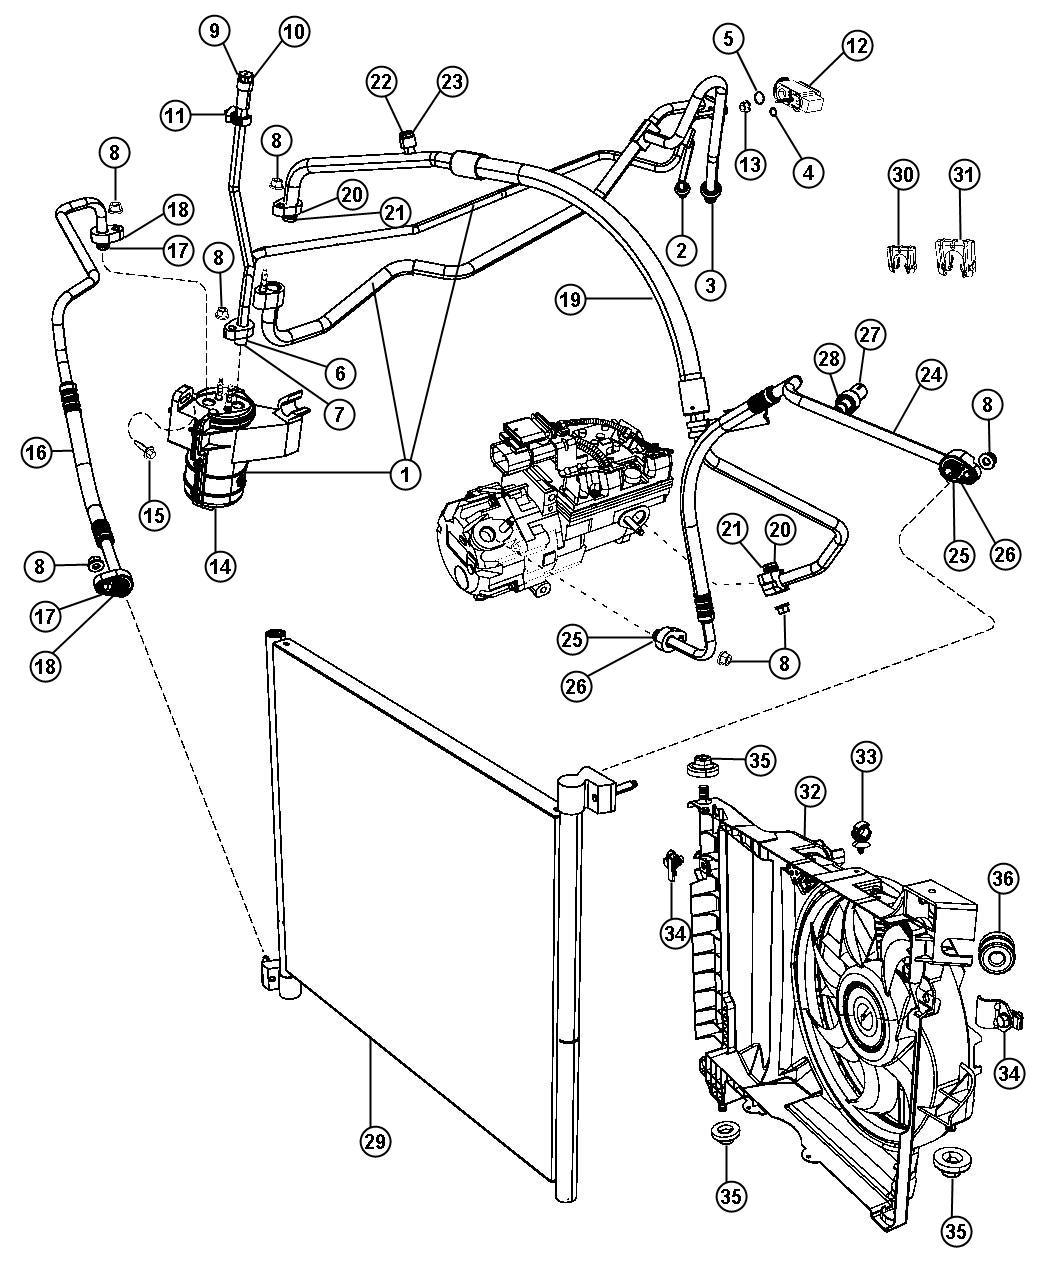 Dodge Durango Fan Module  Shroud  Condenser  Condenser